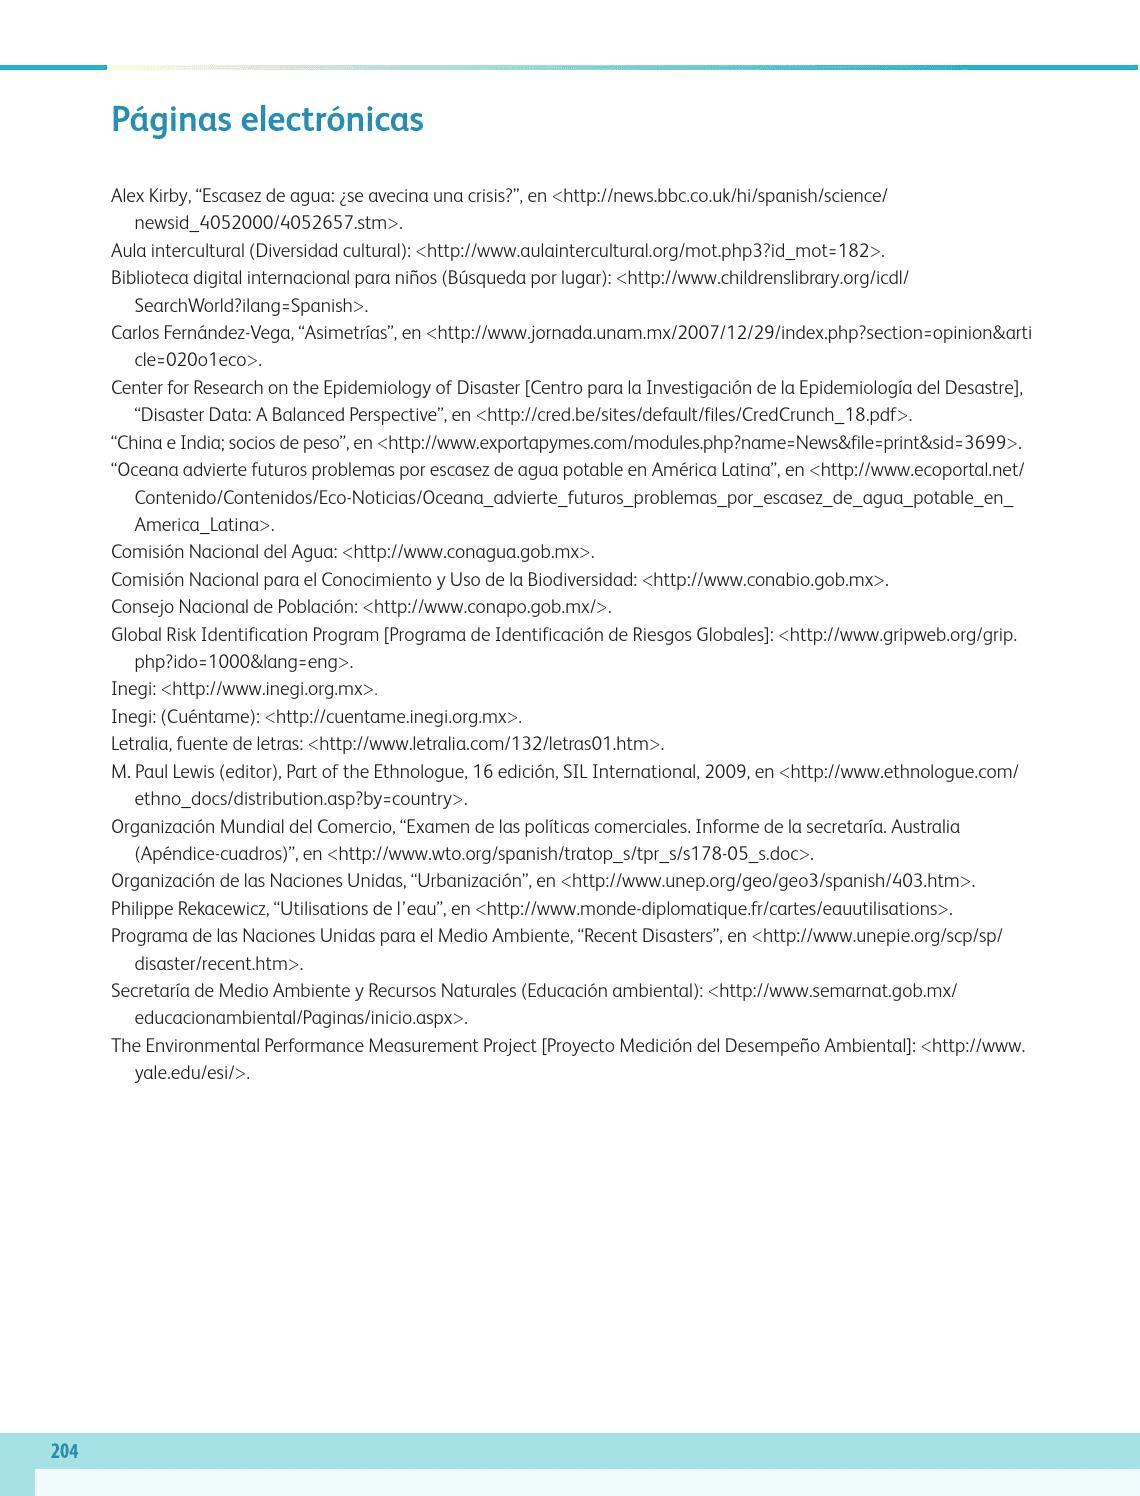 Páginas electrónicas - Geografía Bloque 5to 2014-2015